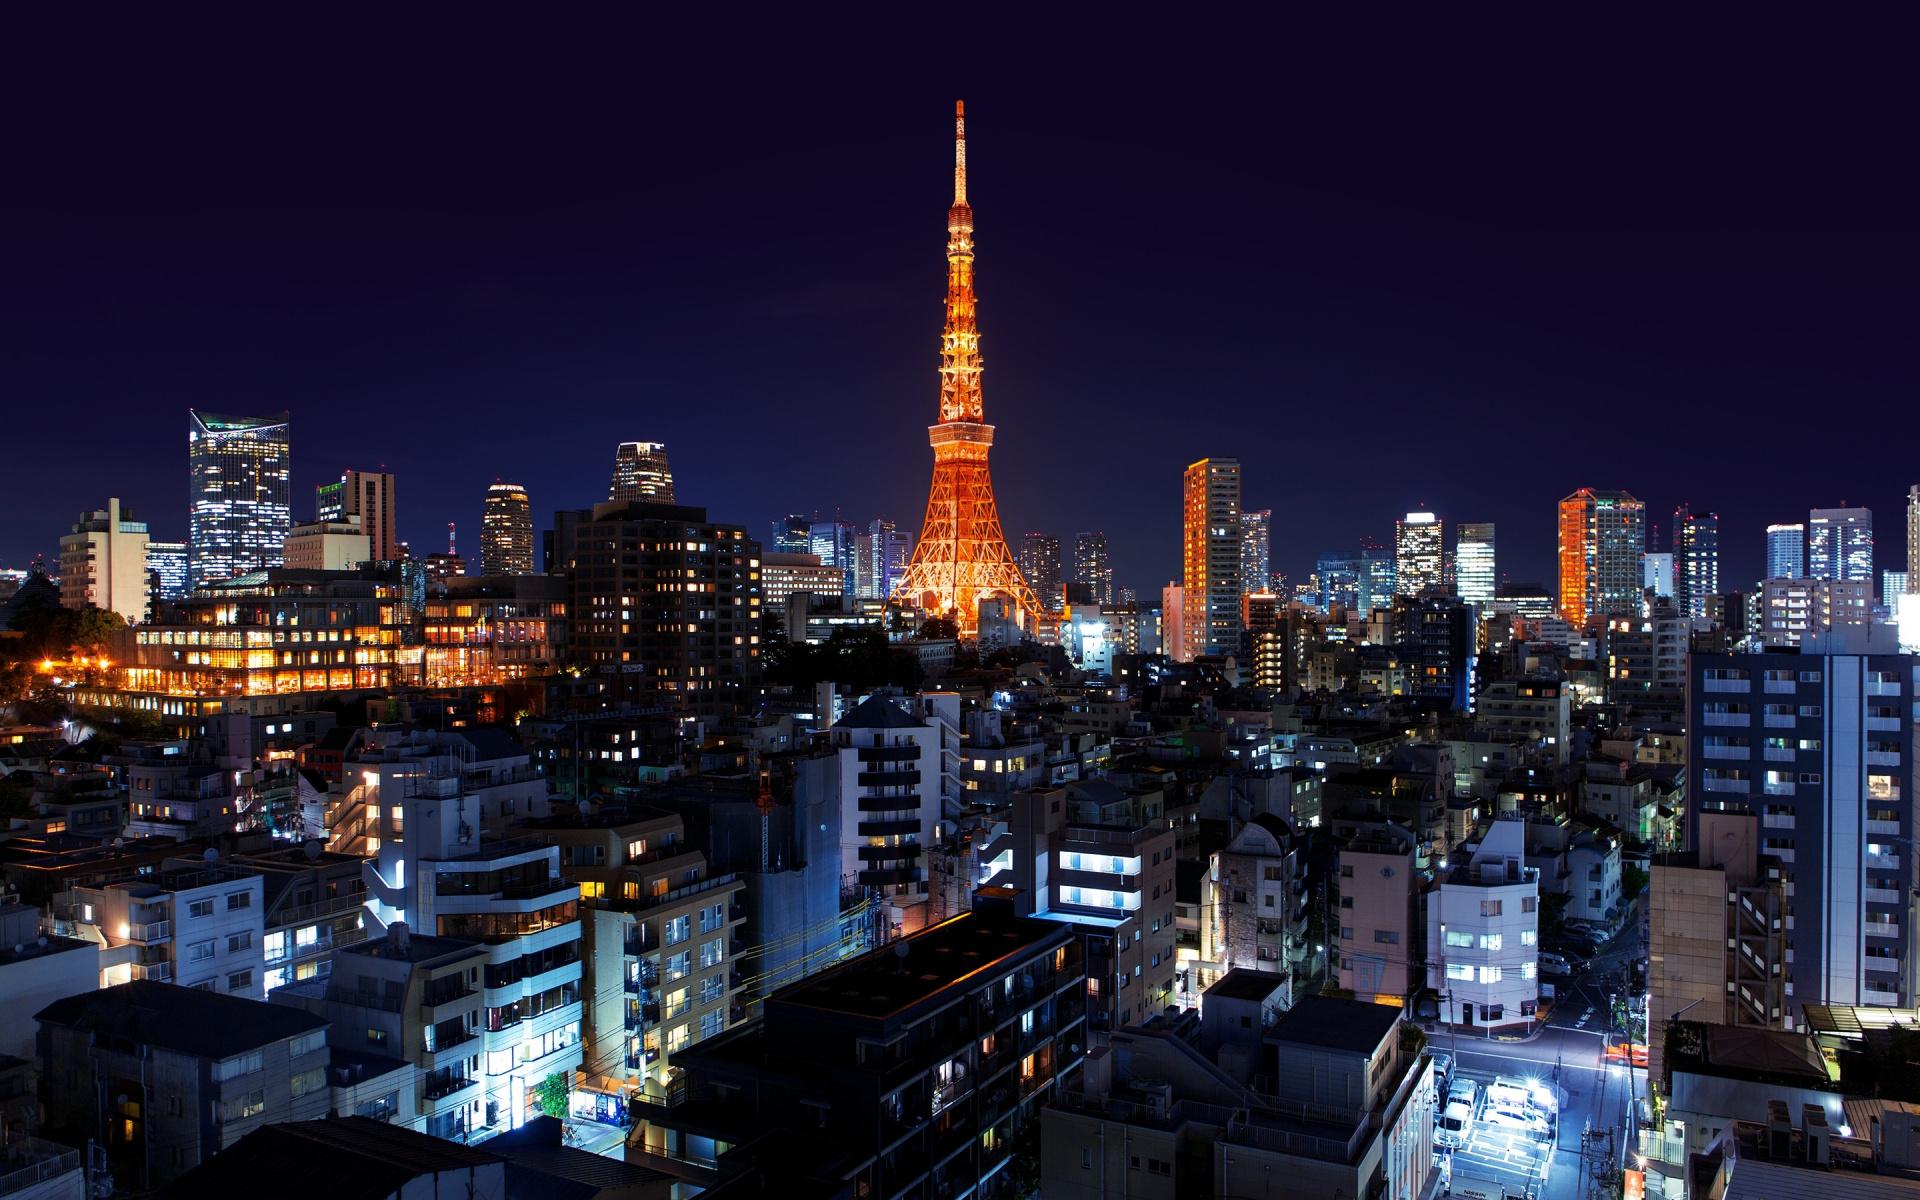 Tokyo Tower - biểu tượng của thành phố Tokyo sầm uất